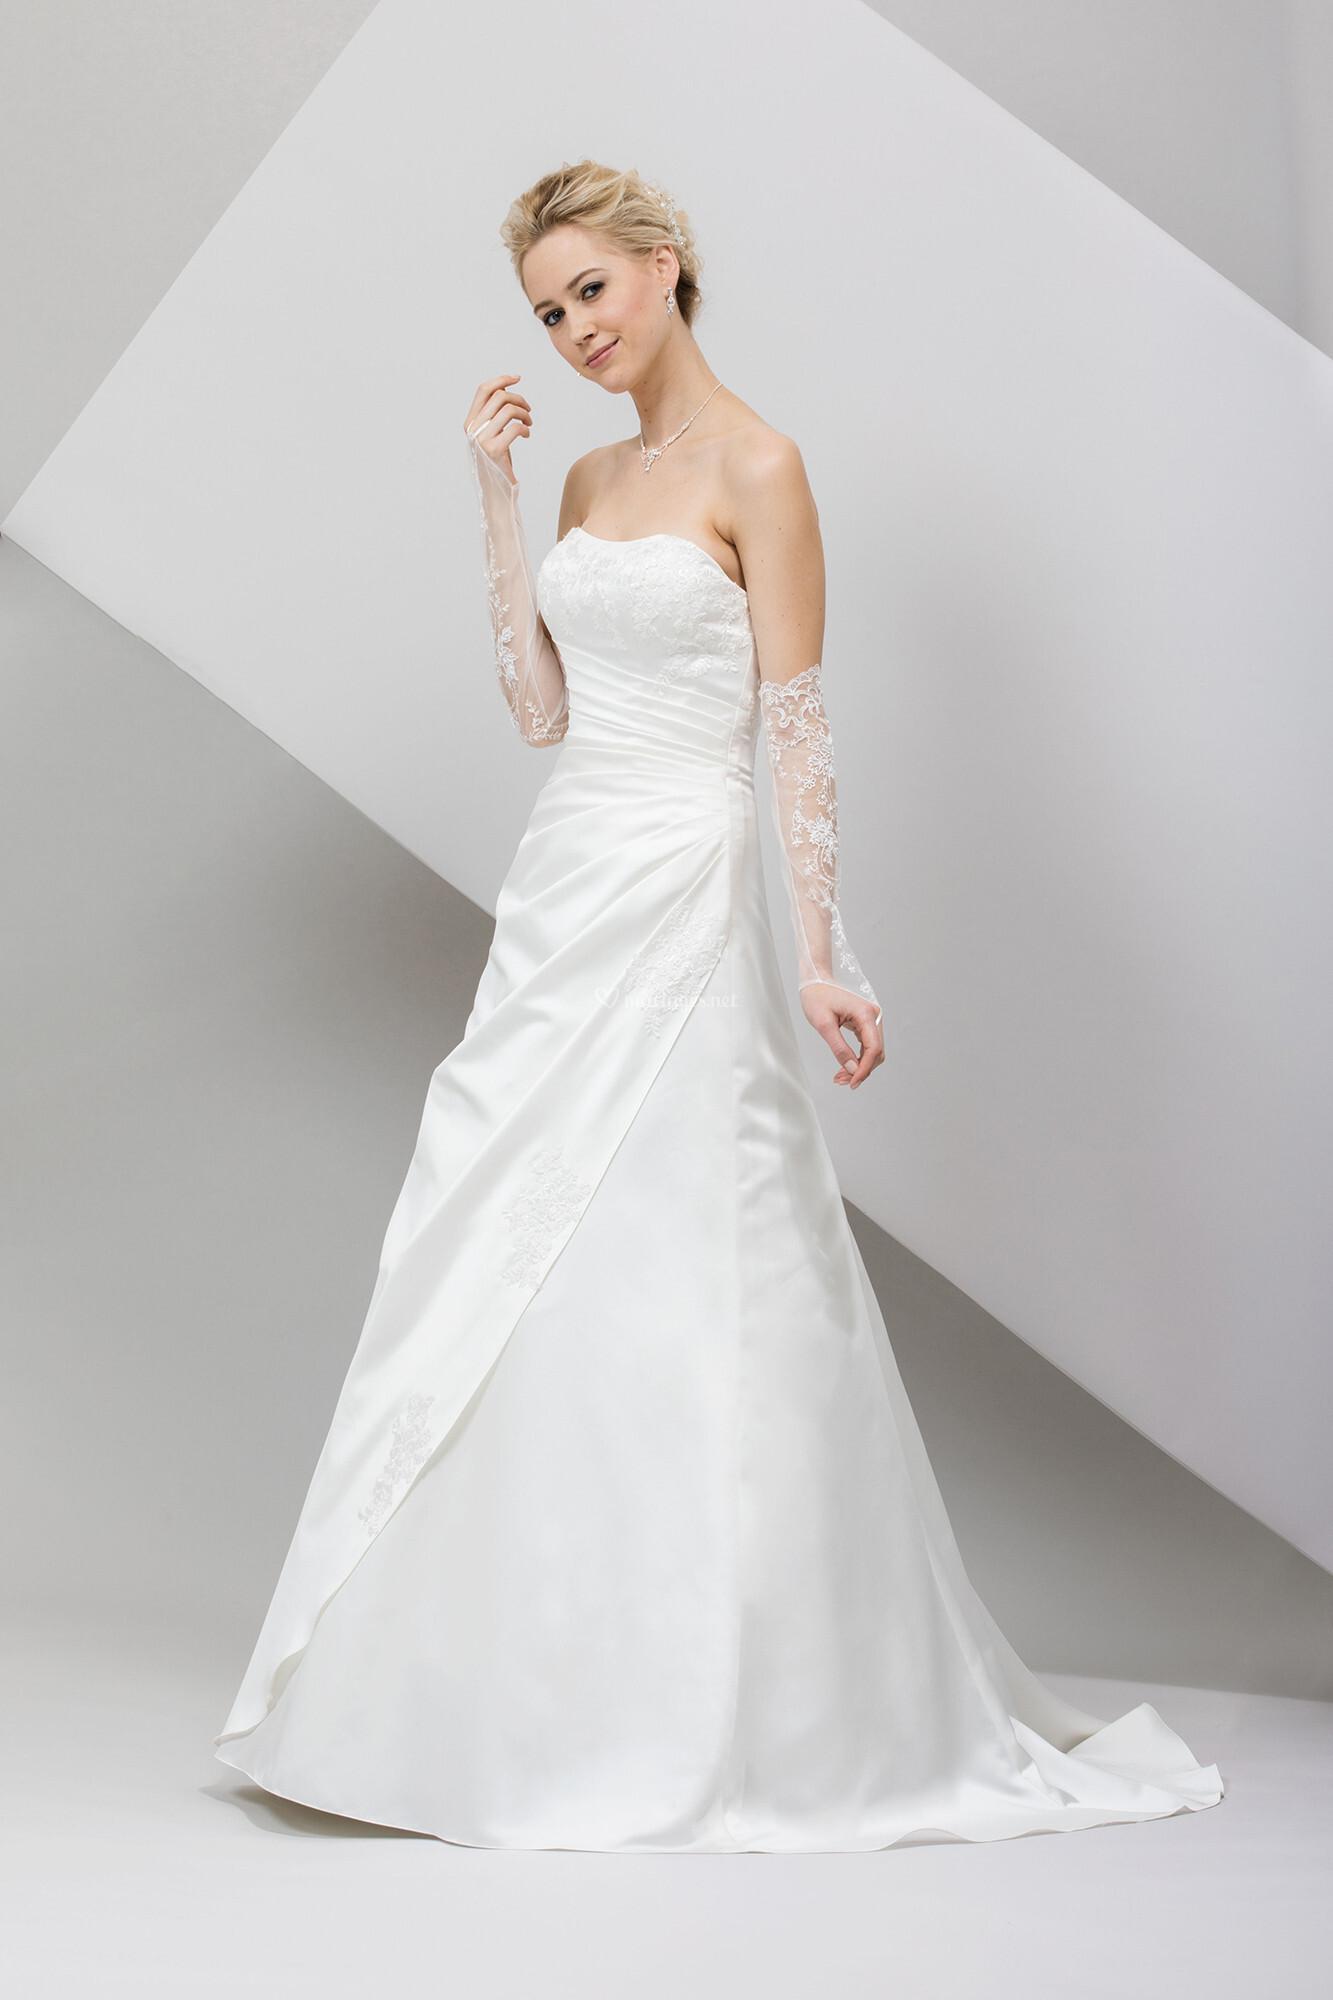 Robes de mariée sur Eglantine Créations - TRESOR - Mariages.net